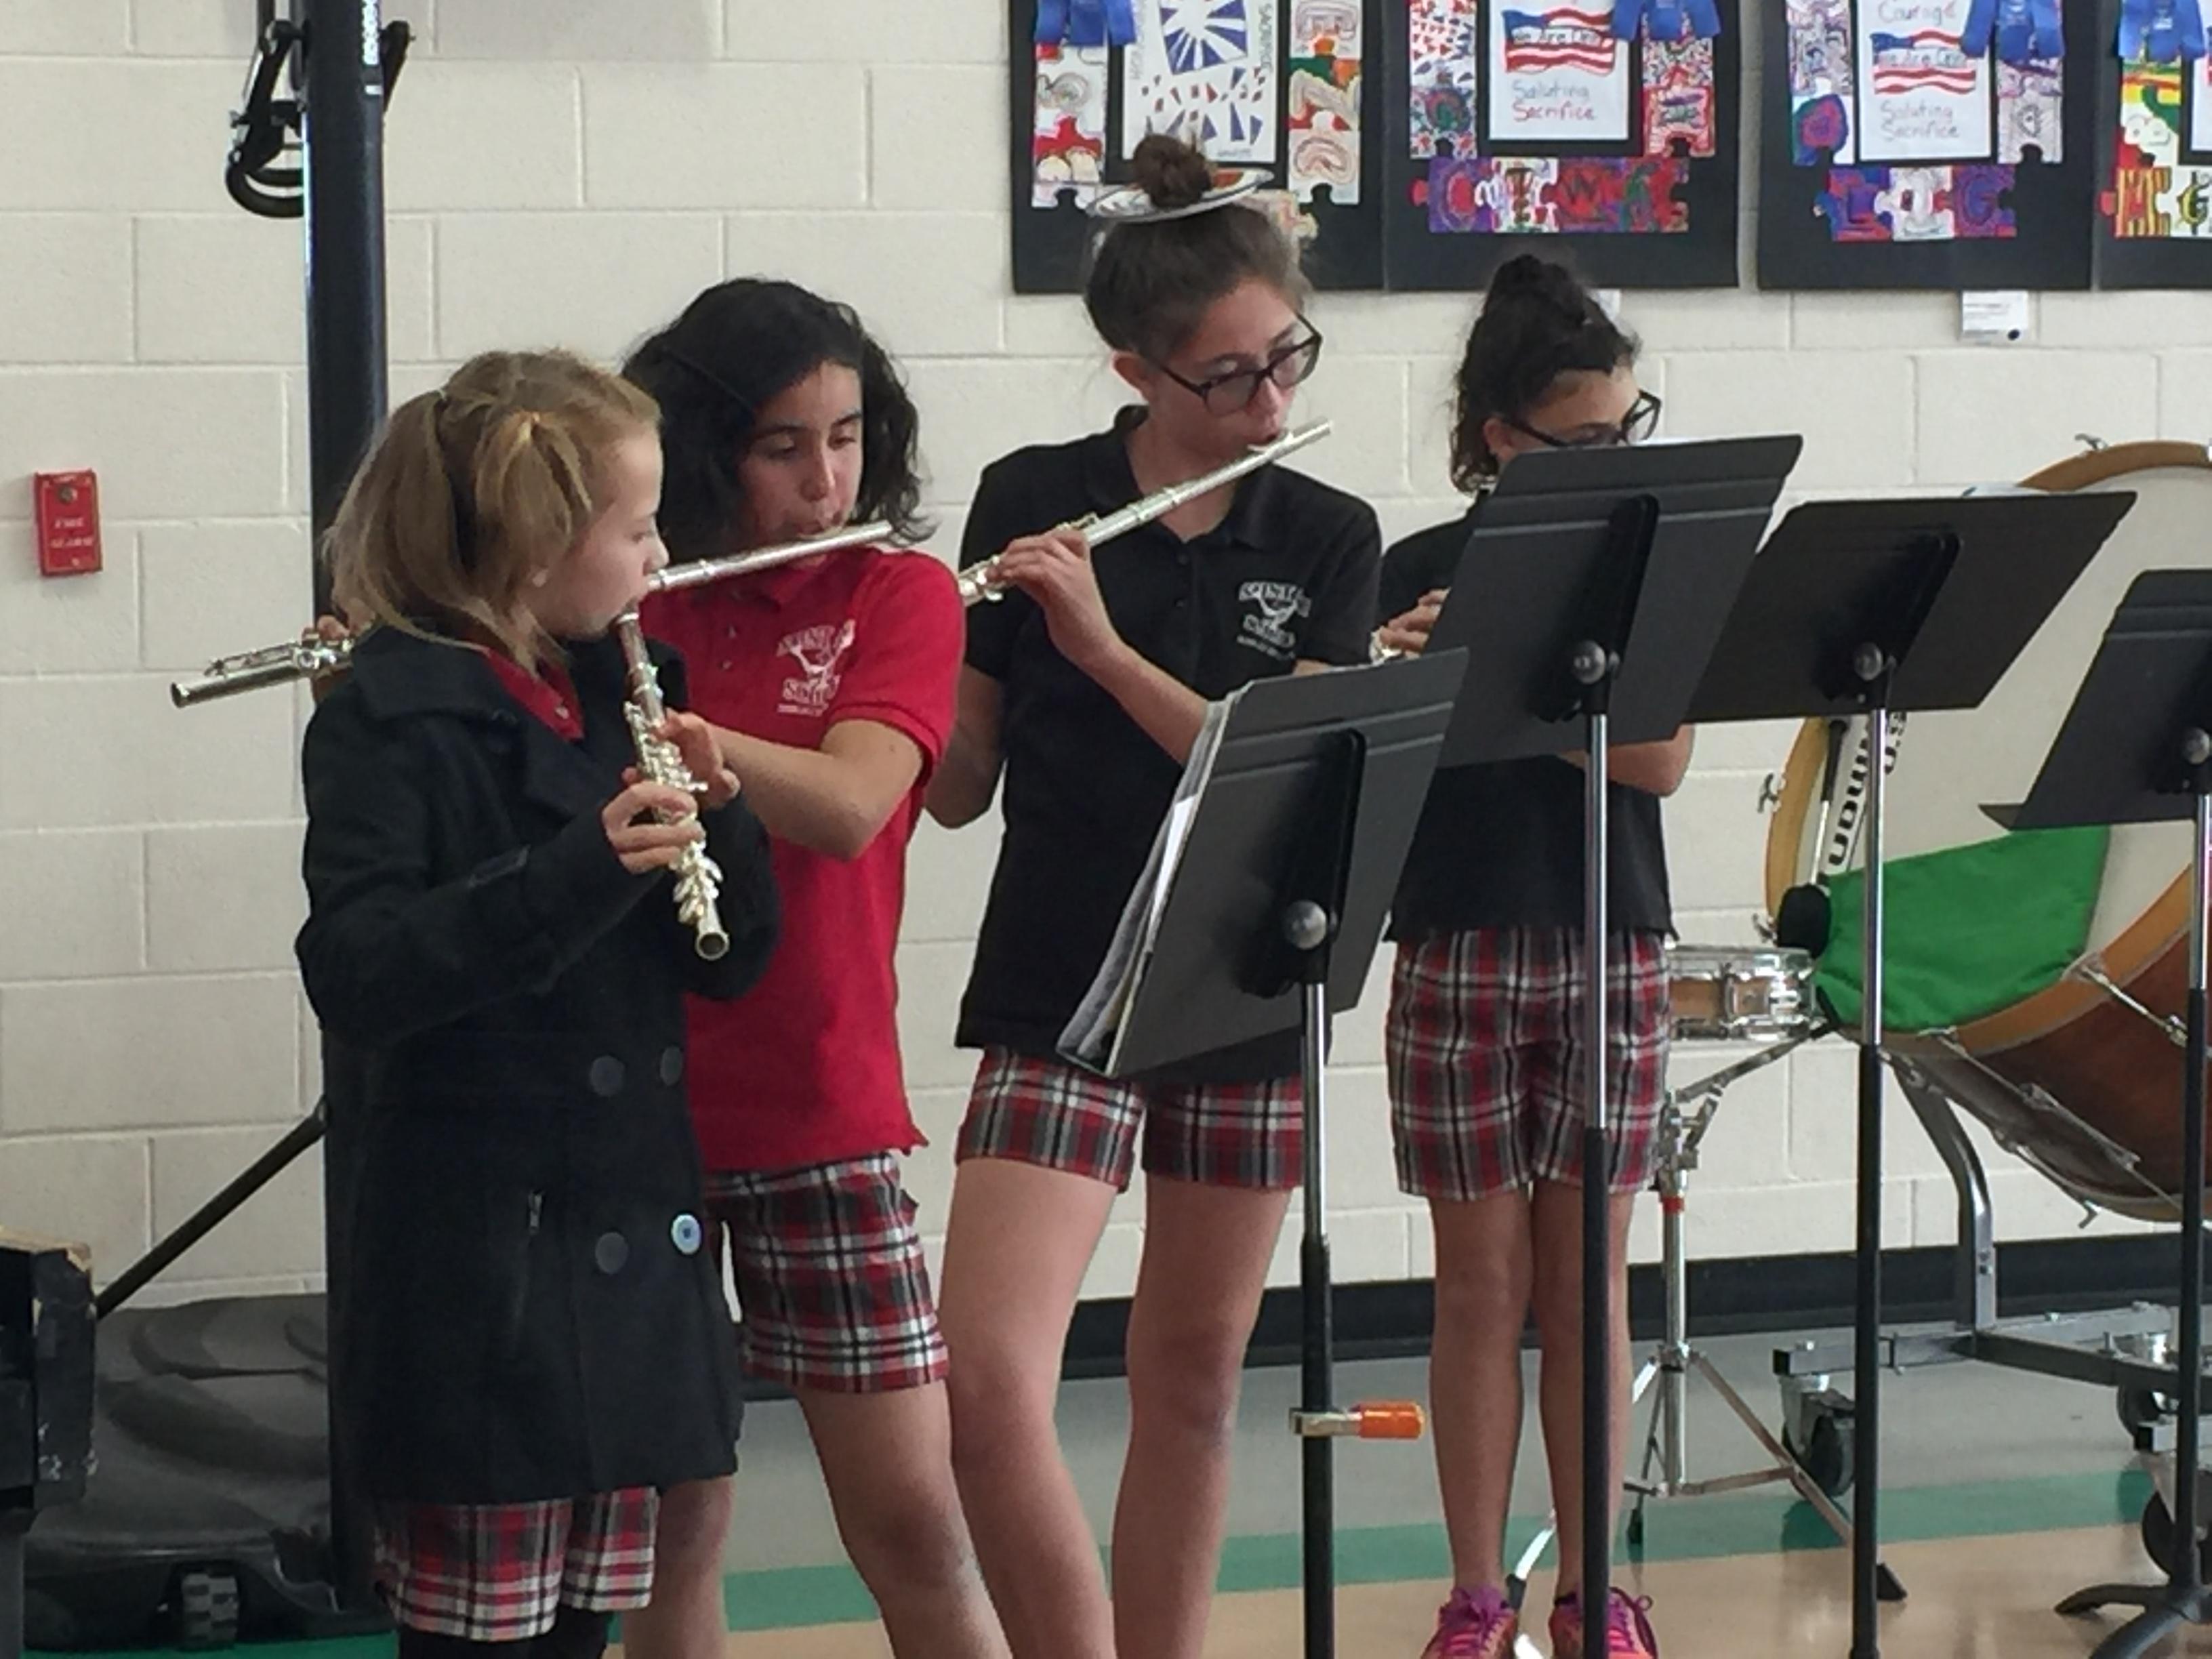 Tues-CrazyHair-Talent-Flutes